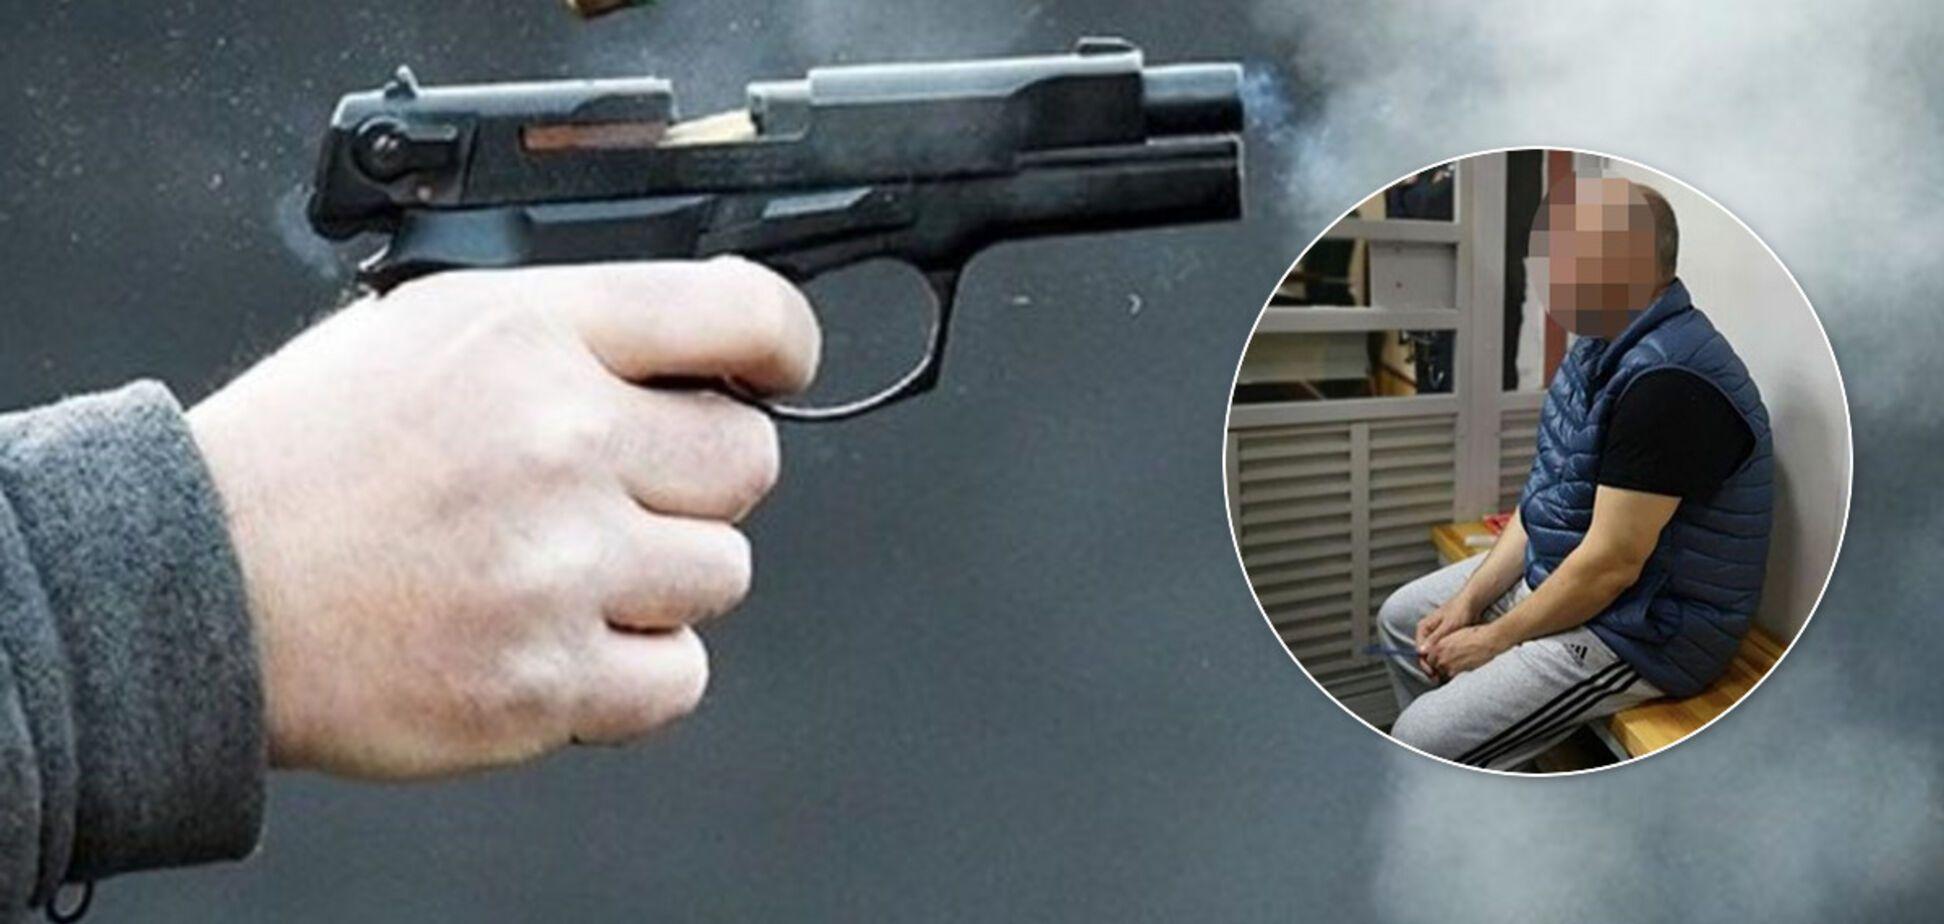 Коммунальна война с кровавым исходом: стрелок из киевской многоэтажки уже на свободе